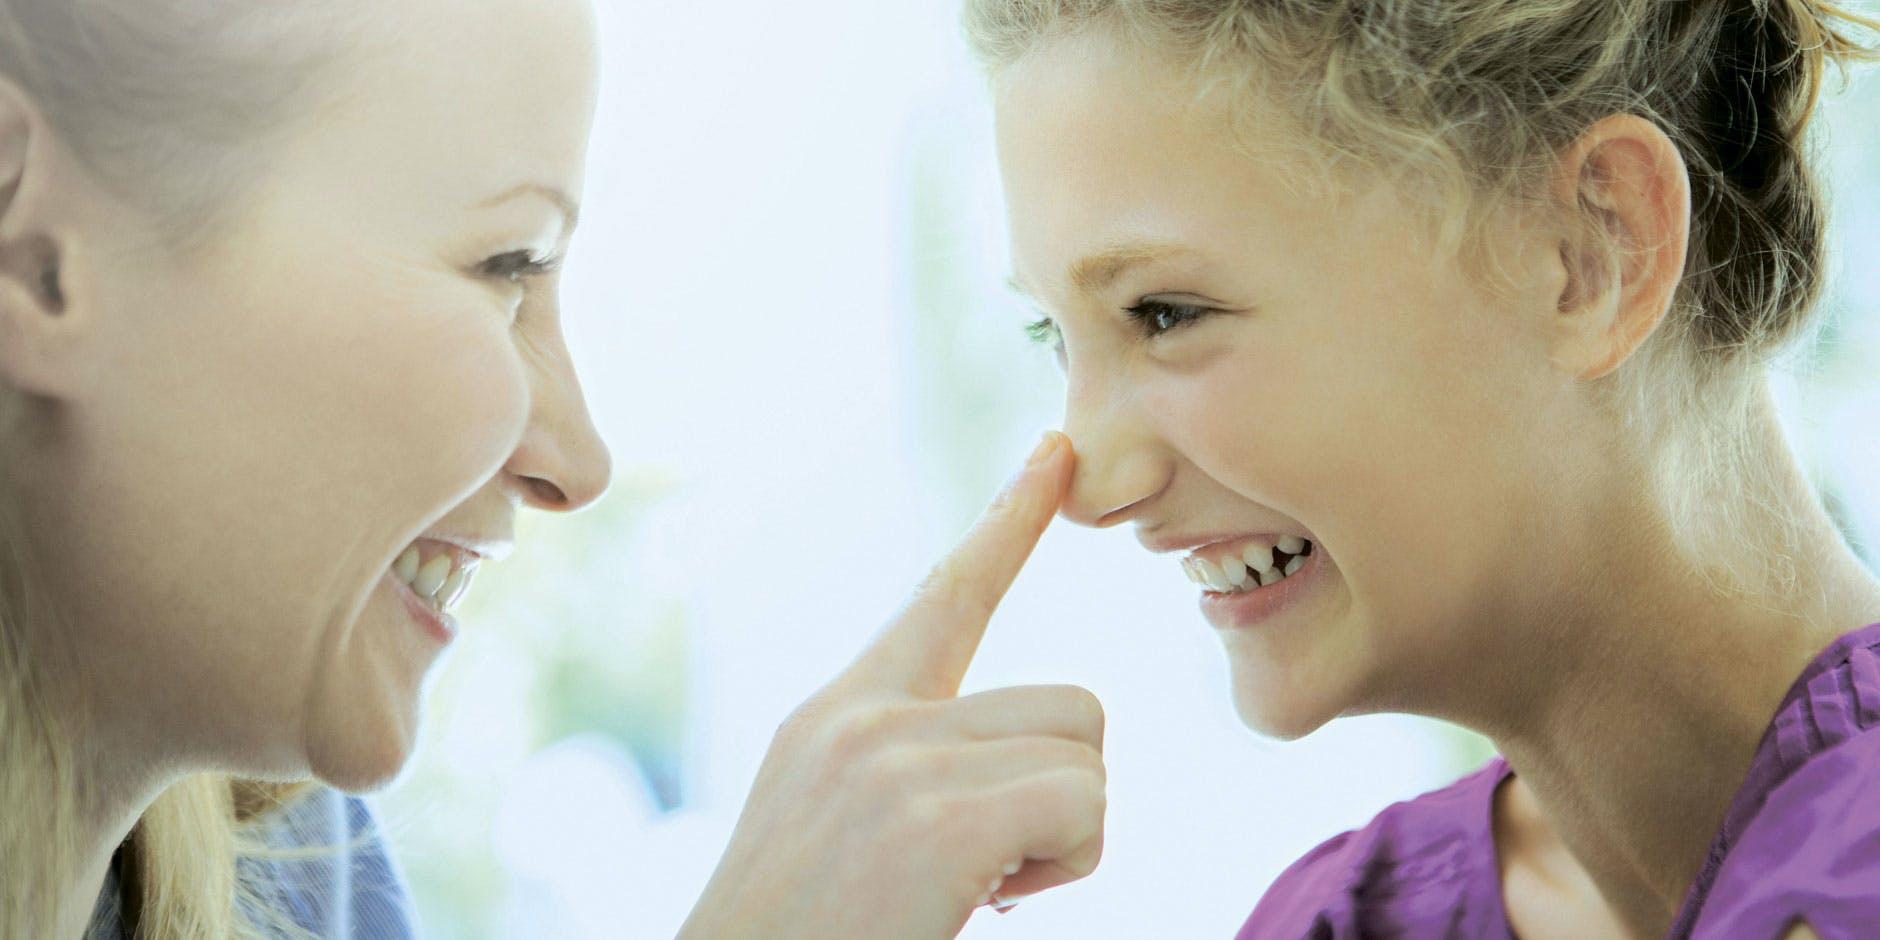 Après avoir utilisé des remèdes contre le rhume pour bébés, une femme touche le nez dégagé de sa fille.